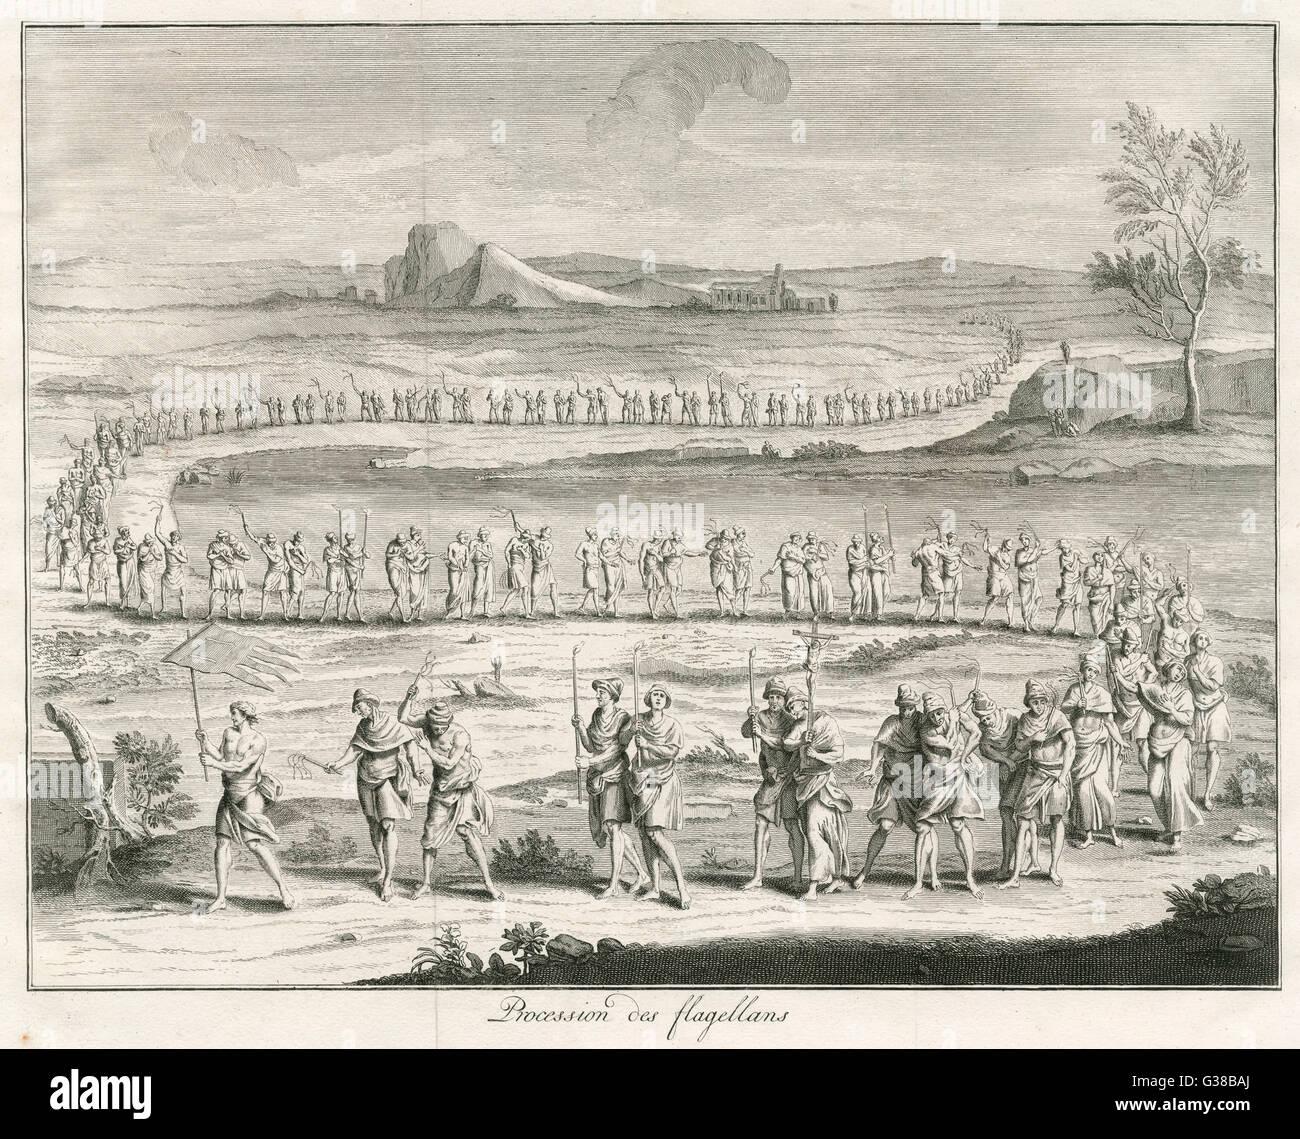 Processione di flagellants durante il Medioevo Immagini Stock